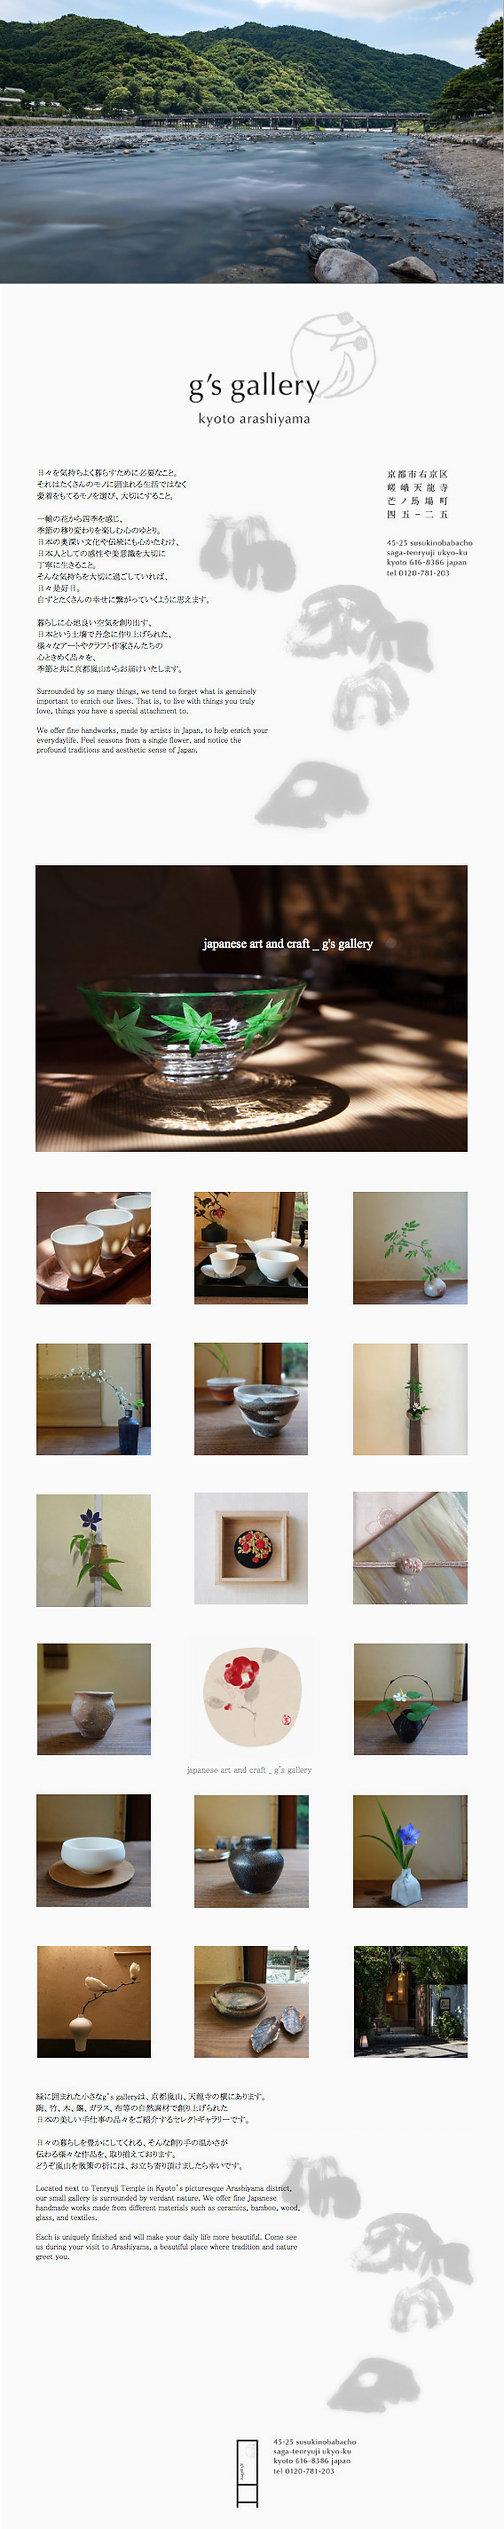 SYMBOLMARK AND WEB DESIGN mitografico シンボルマーク ウェブデザイン ミトグラフィコ G's gallery